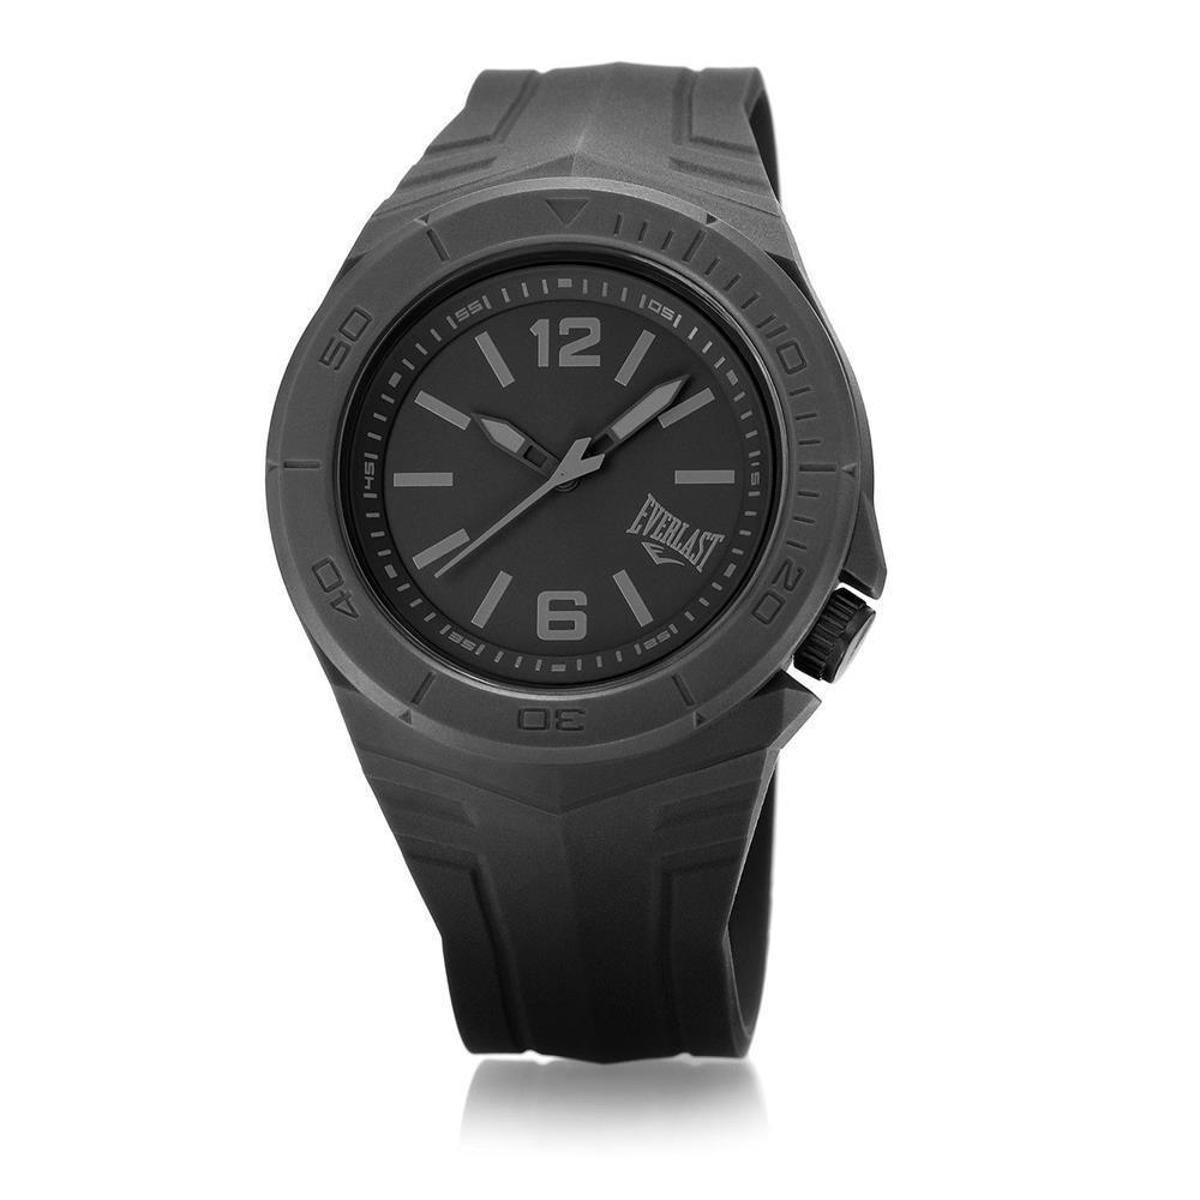 ede3e89b511 Relógio Pulso Everlast Masculino Pulseira Silicone Analógico - Preto -  Compre Agora